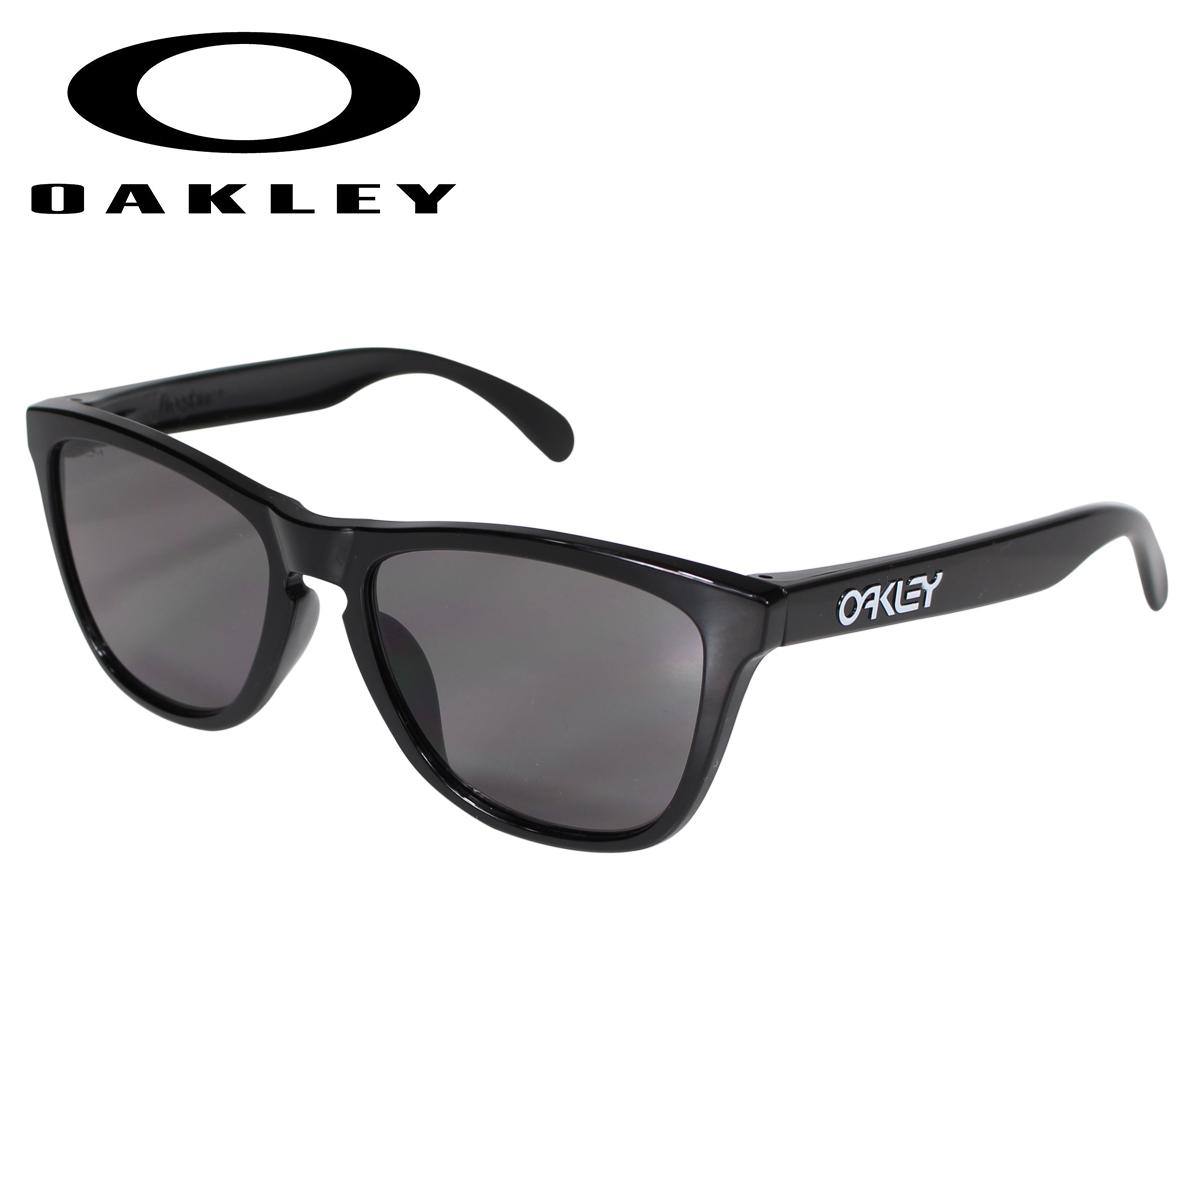 Oakley オークリー サングラス フロッグスキン アジアンフィット メンズ レディース Frogskins ASIA FIT ブラック OO9245-7554